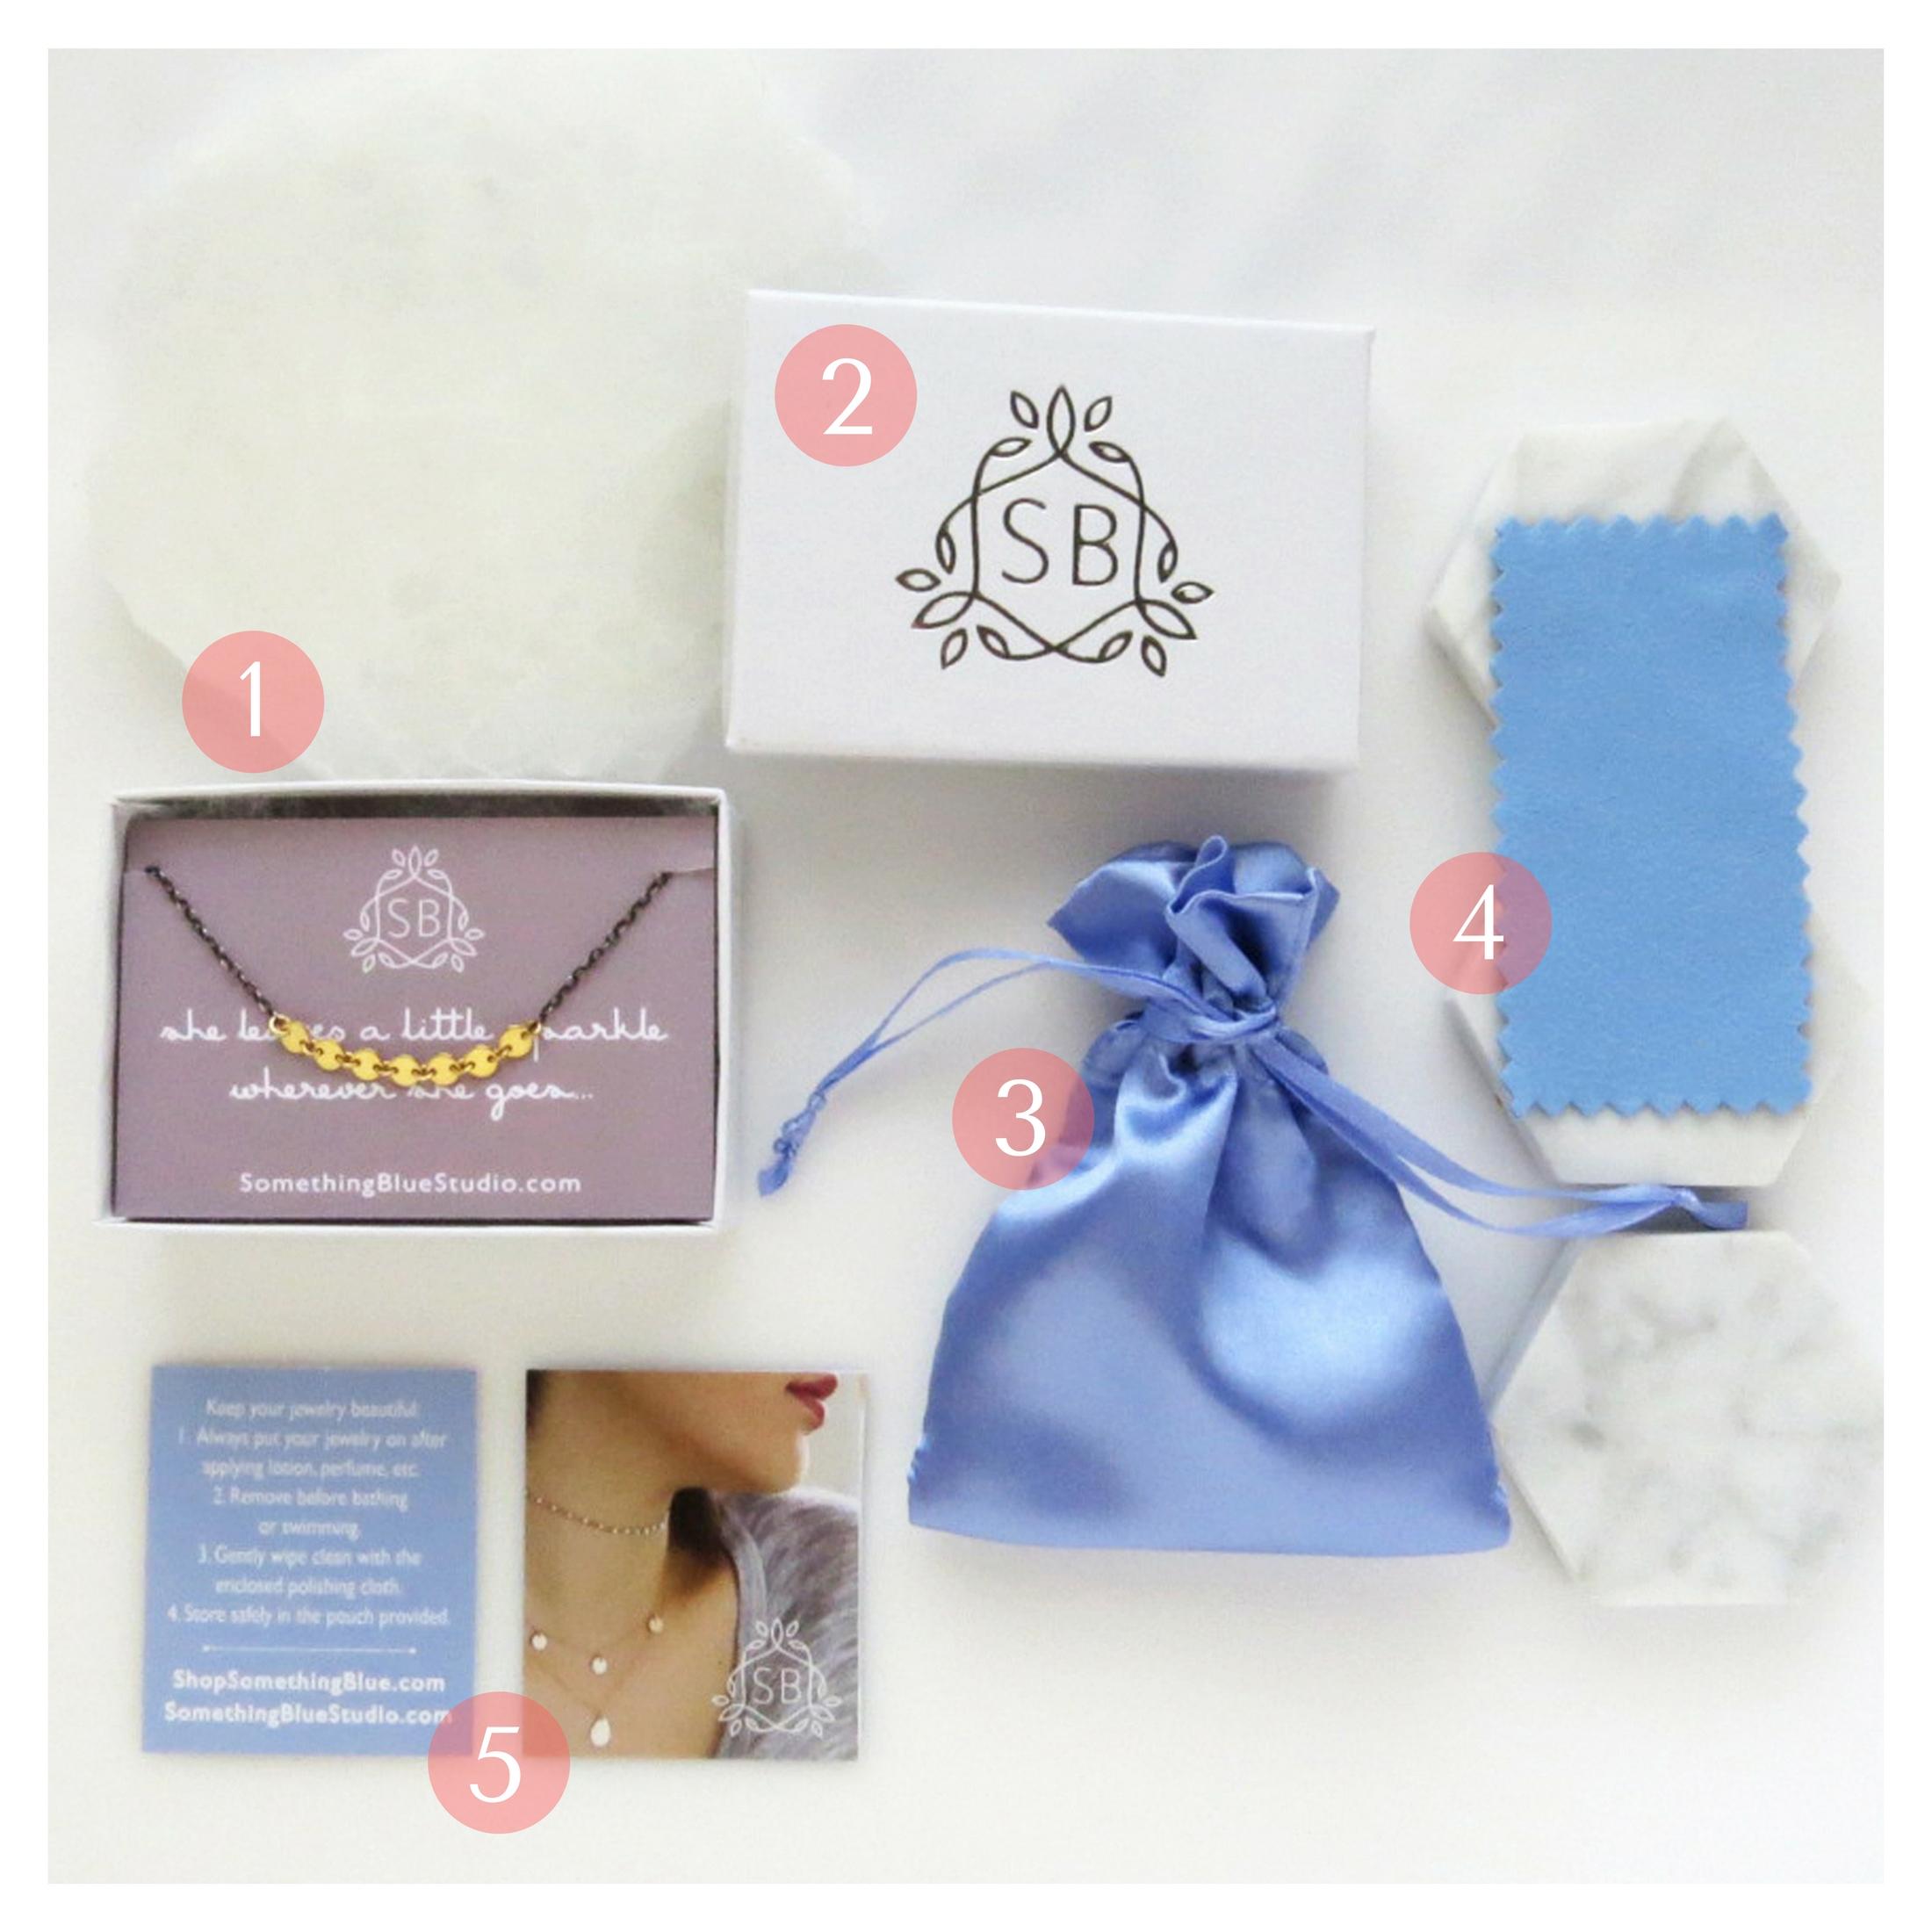 Studio Blue Packaging